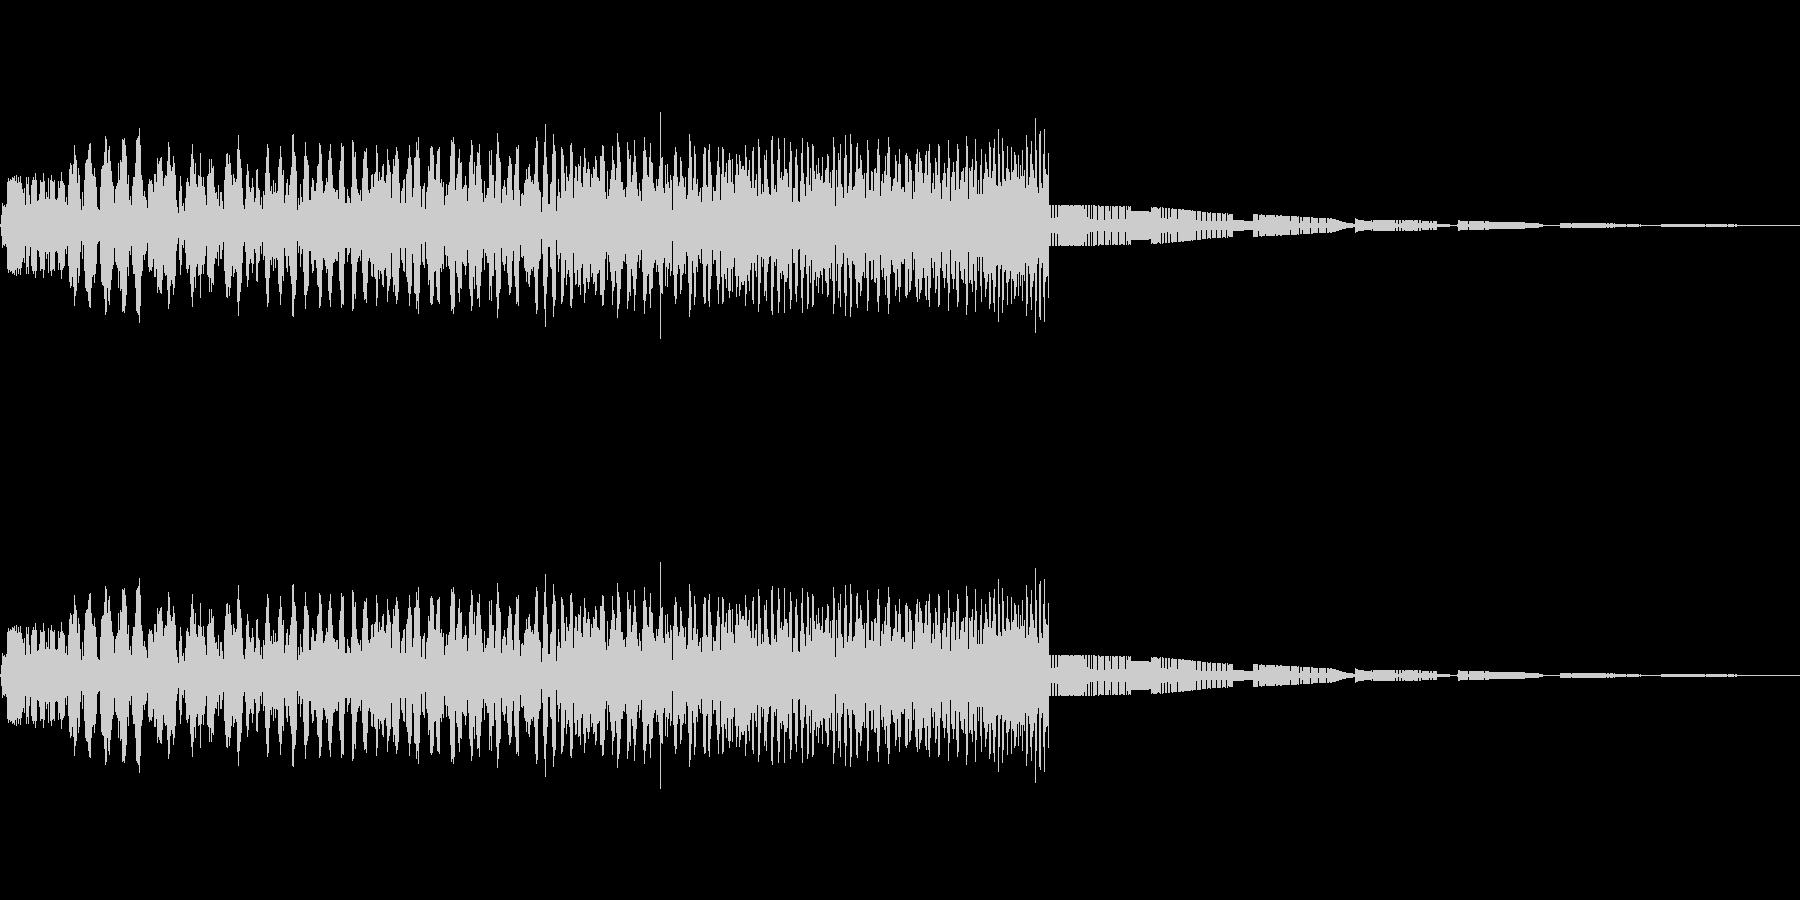 [ピロロロ]パラメータUP(8bit系)の未再生の波形